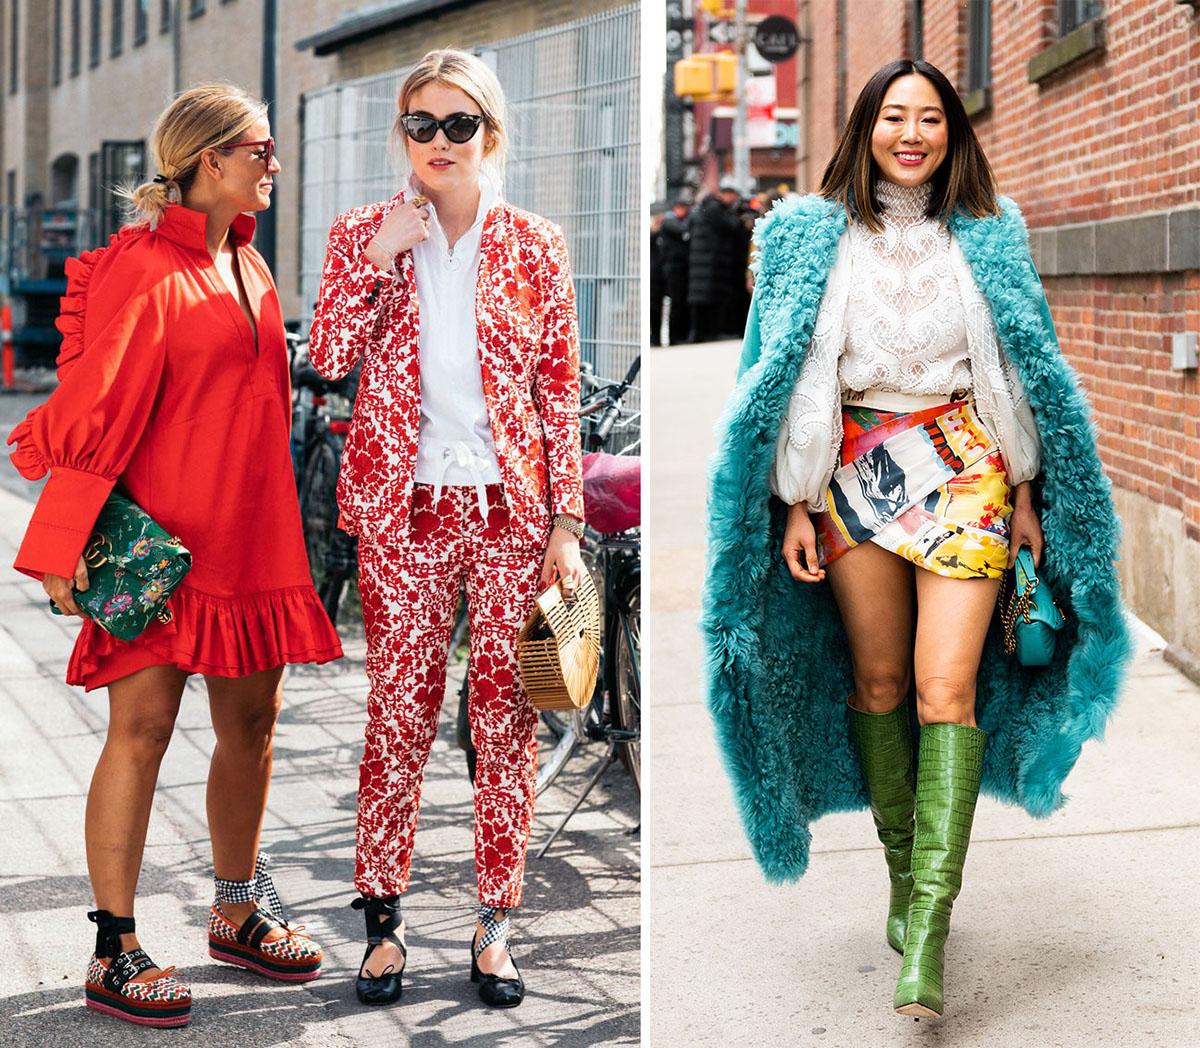 Trang phục quá cầu kỳ Đàn ông là những sinh vật đơn giản, nữ vlogger nhấn mạnh. Bởi thế, dù bạn sở hữu gu thời trang độc đáo và muốn khẳng định phong cách cá nhân, hãy để dành những set đồ đậm chất fashionista cho buổi đi chơi cùng các cô bạn gái. Họ mới là người bị ấn tượng bởi quần áo cầu kỳ, còn đàn ông thì không. Cánh mày râu muốn nhìn thứ gì đó đơn giản, nữ tính chứ không phải những thứ khiến họ cảm thấy như đang tham gia Project Runway.